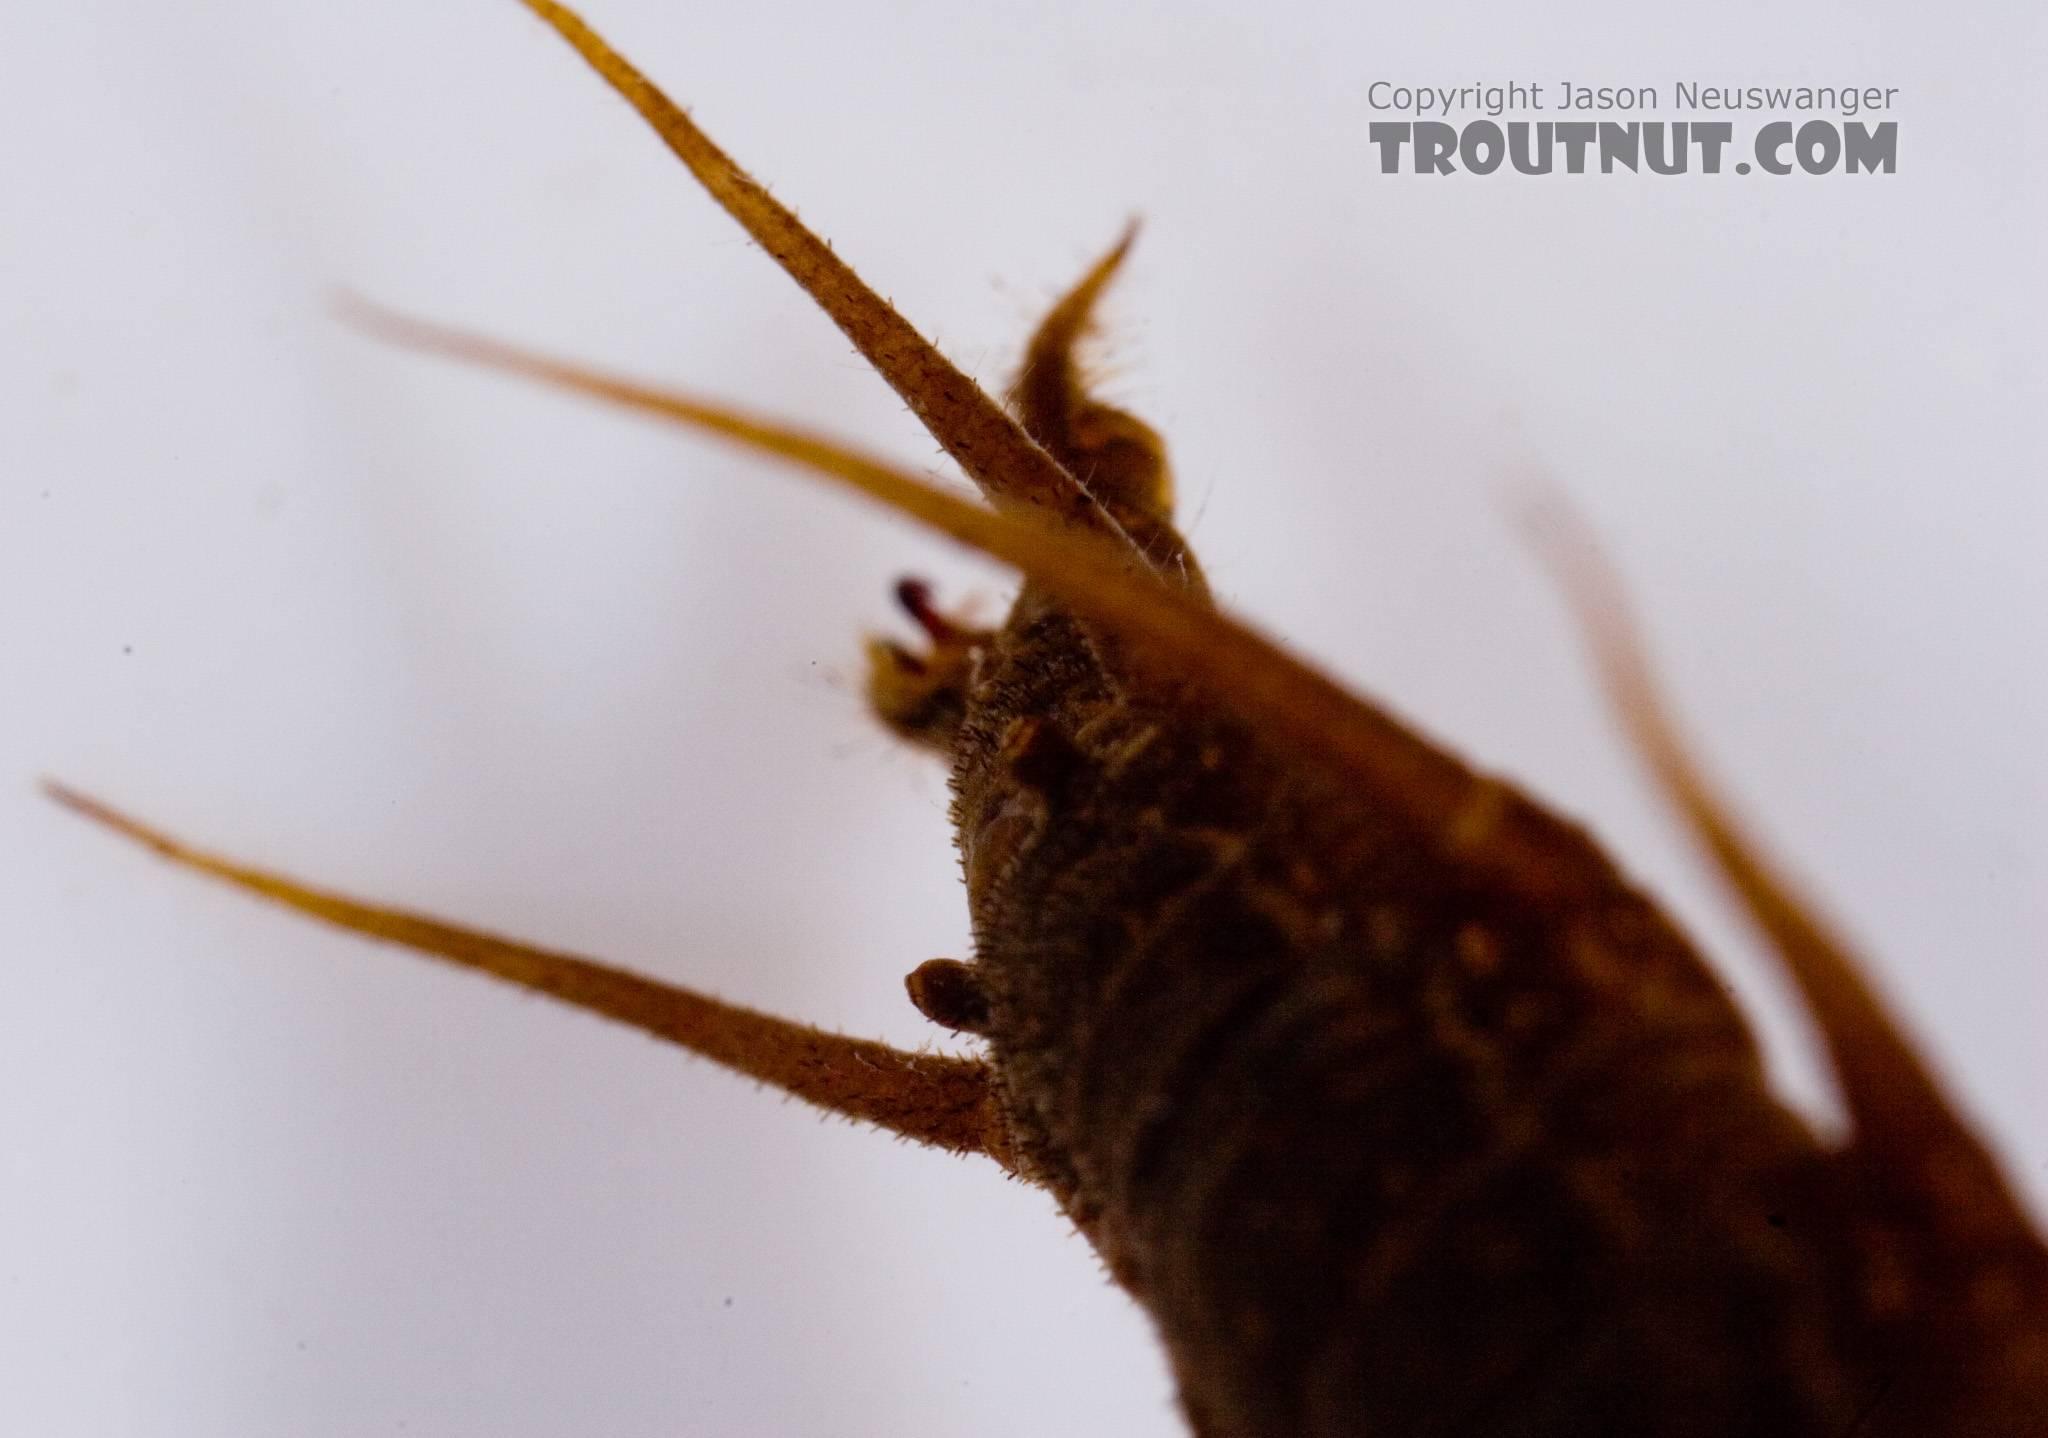 Nigronia serricornis (Fishfly) Hellgrammite Larva from Factory Brook in New York